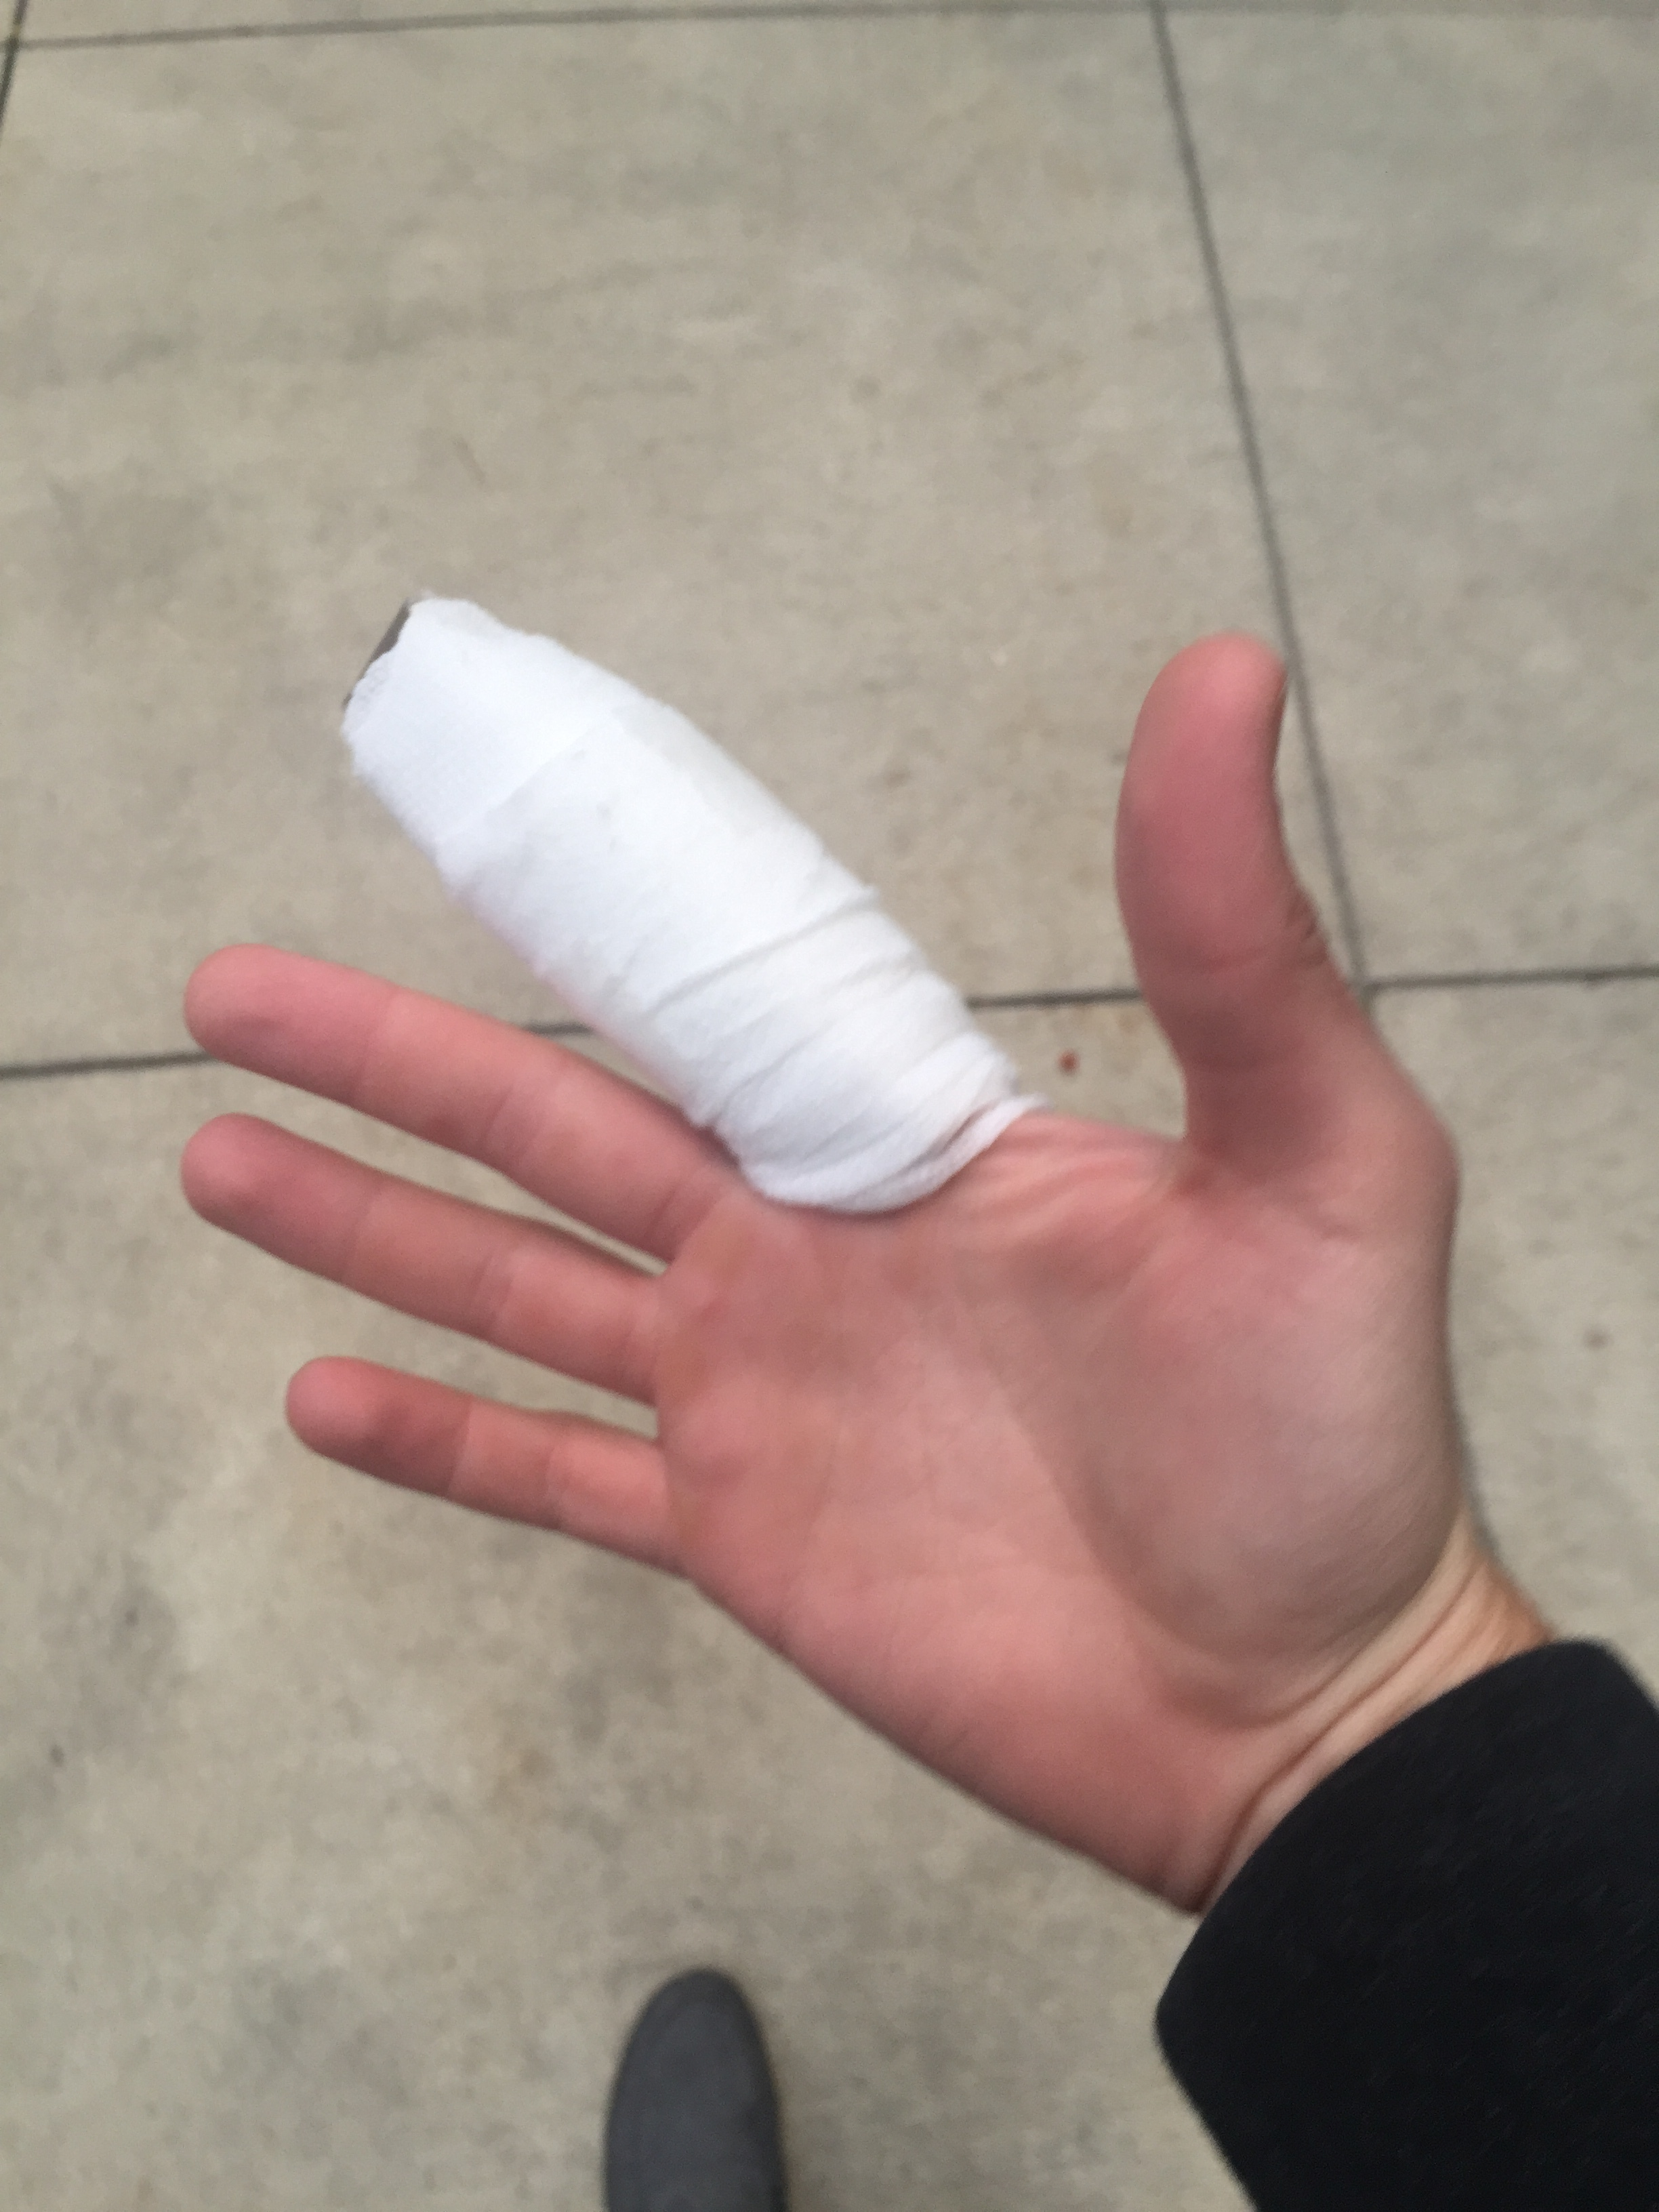 Broken finger, broken dreams